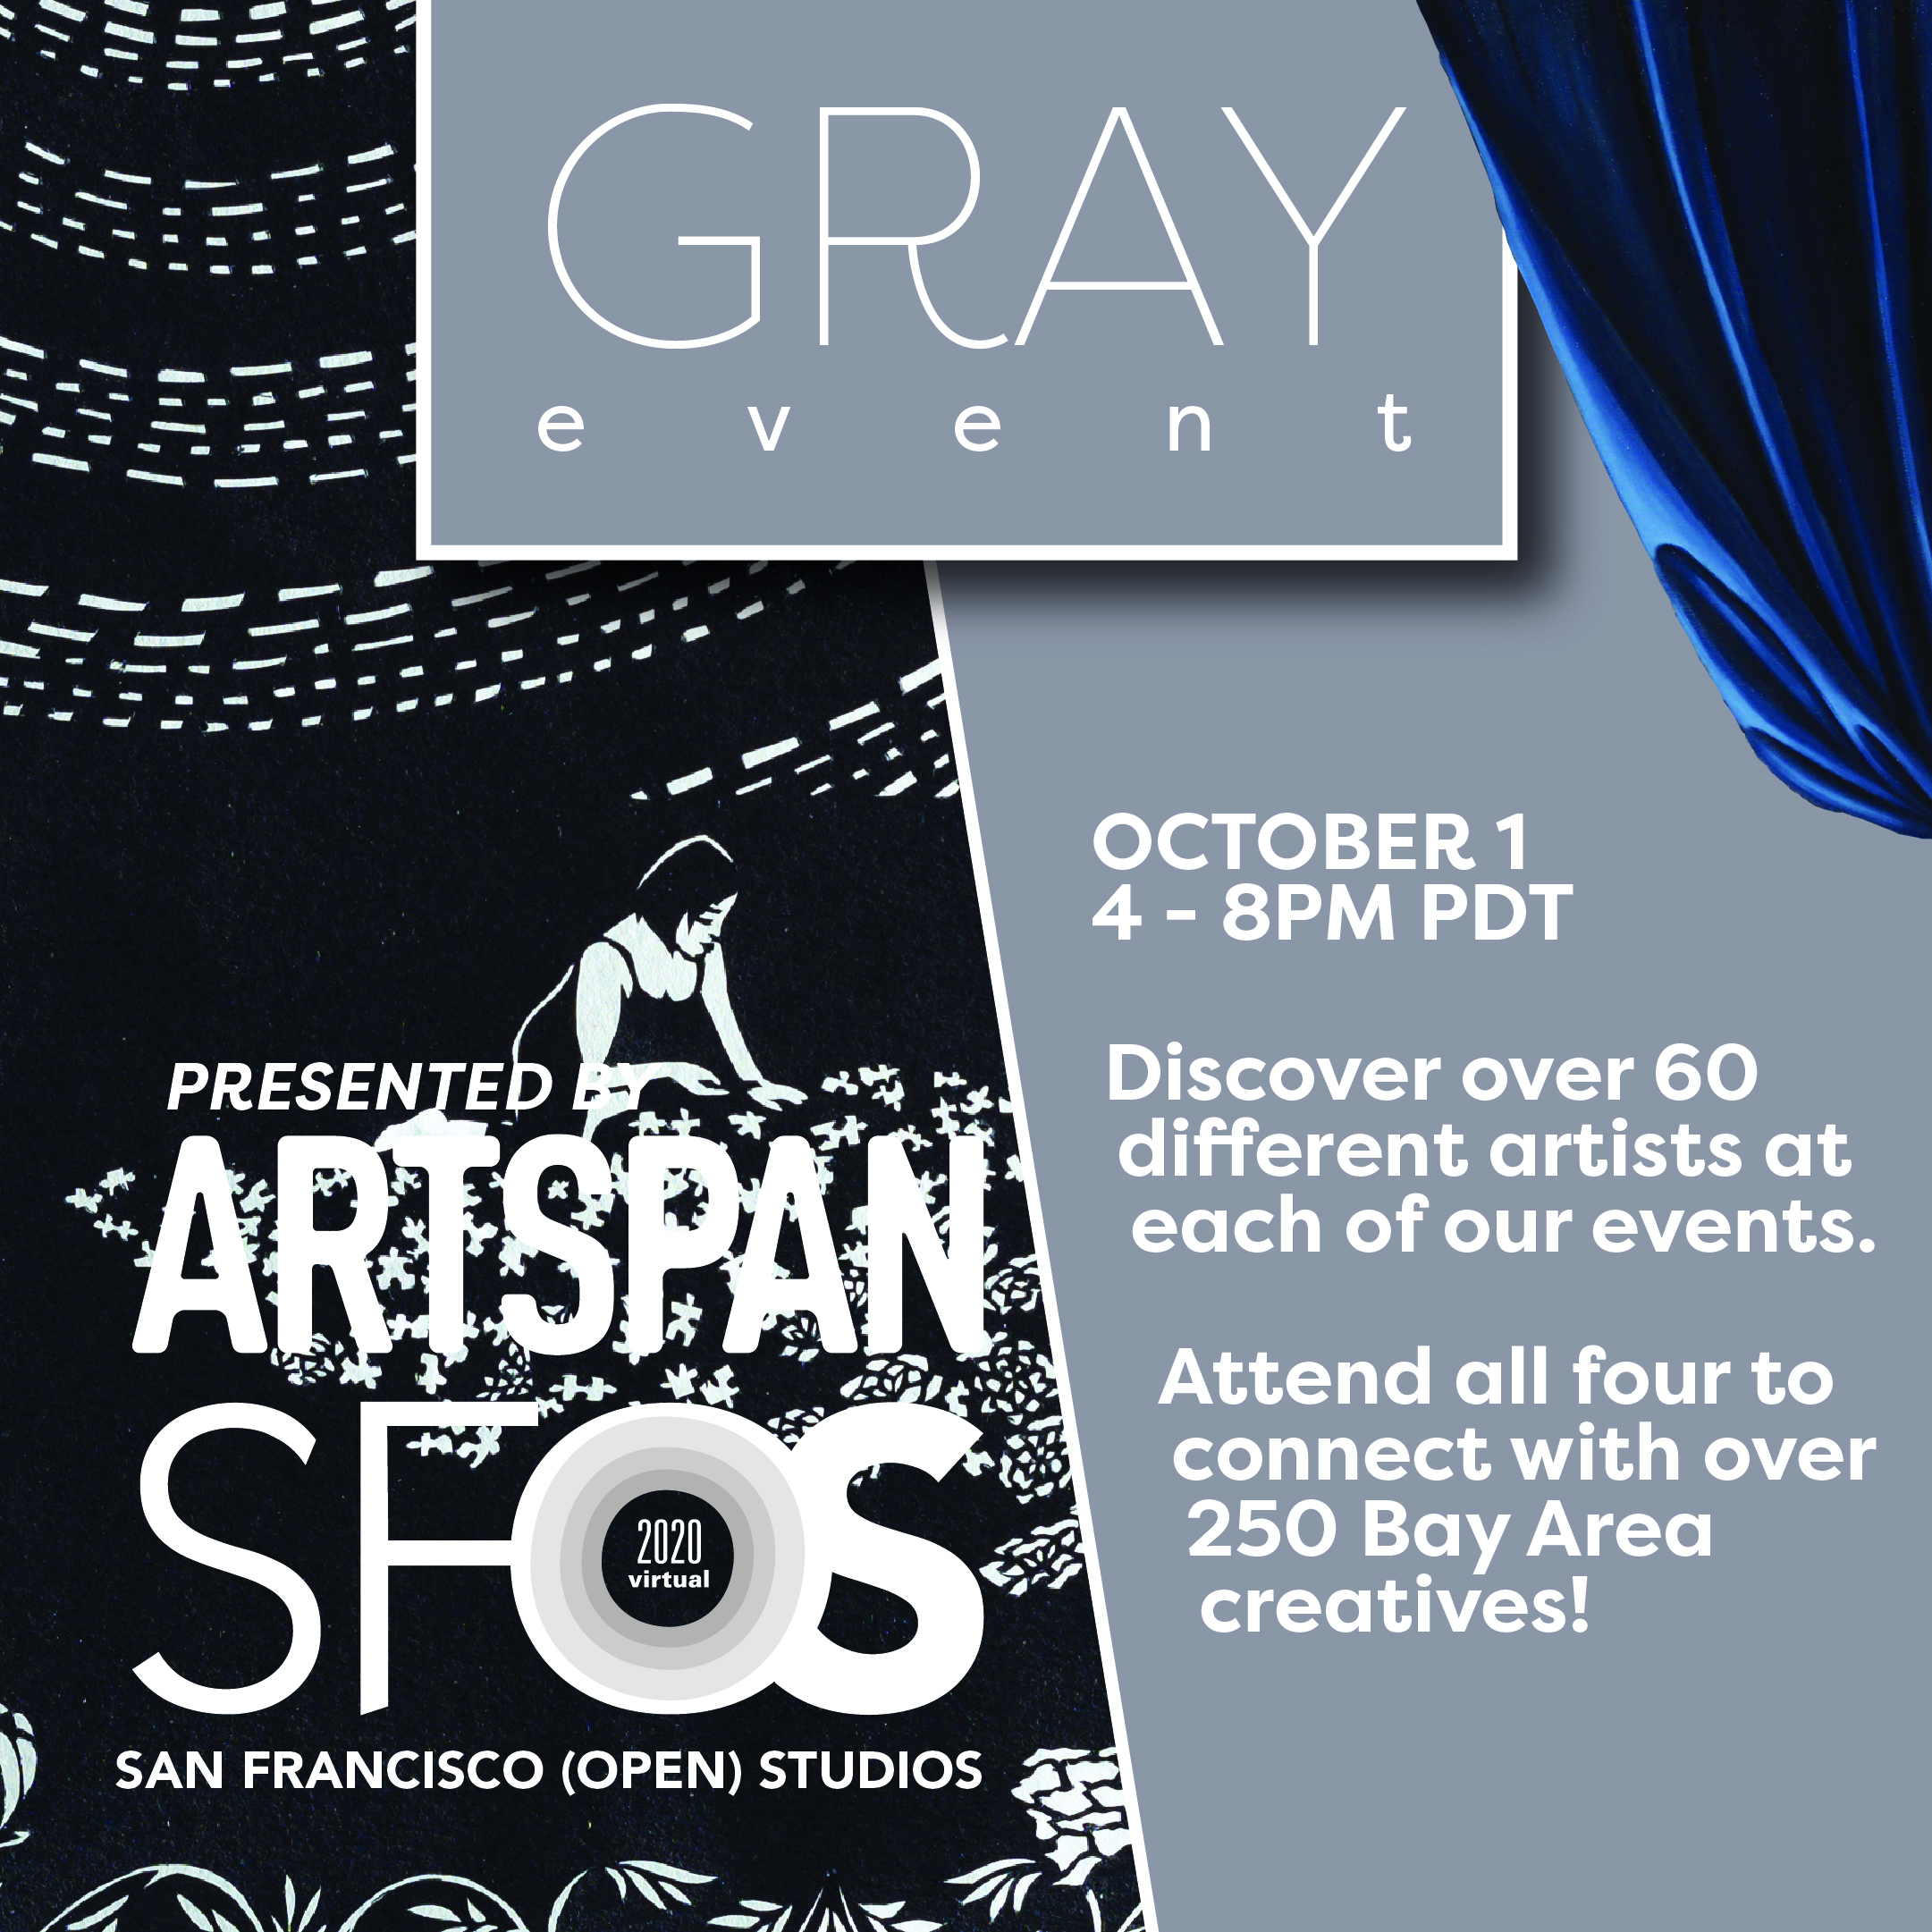 ArtSpan Gray Event infos